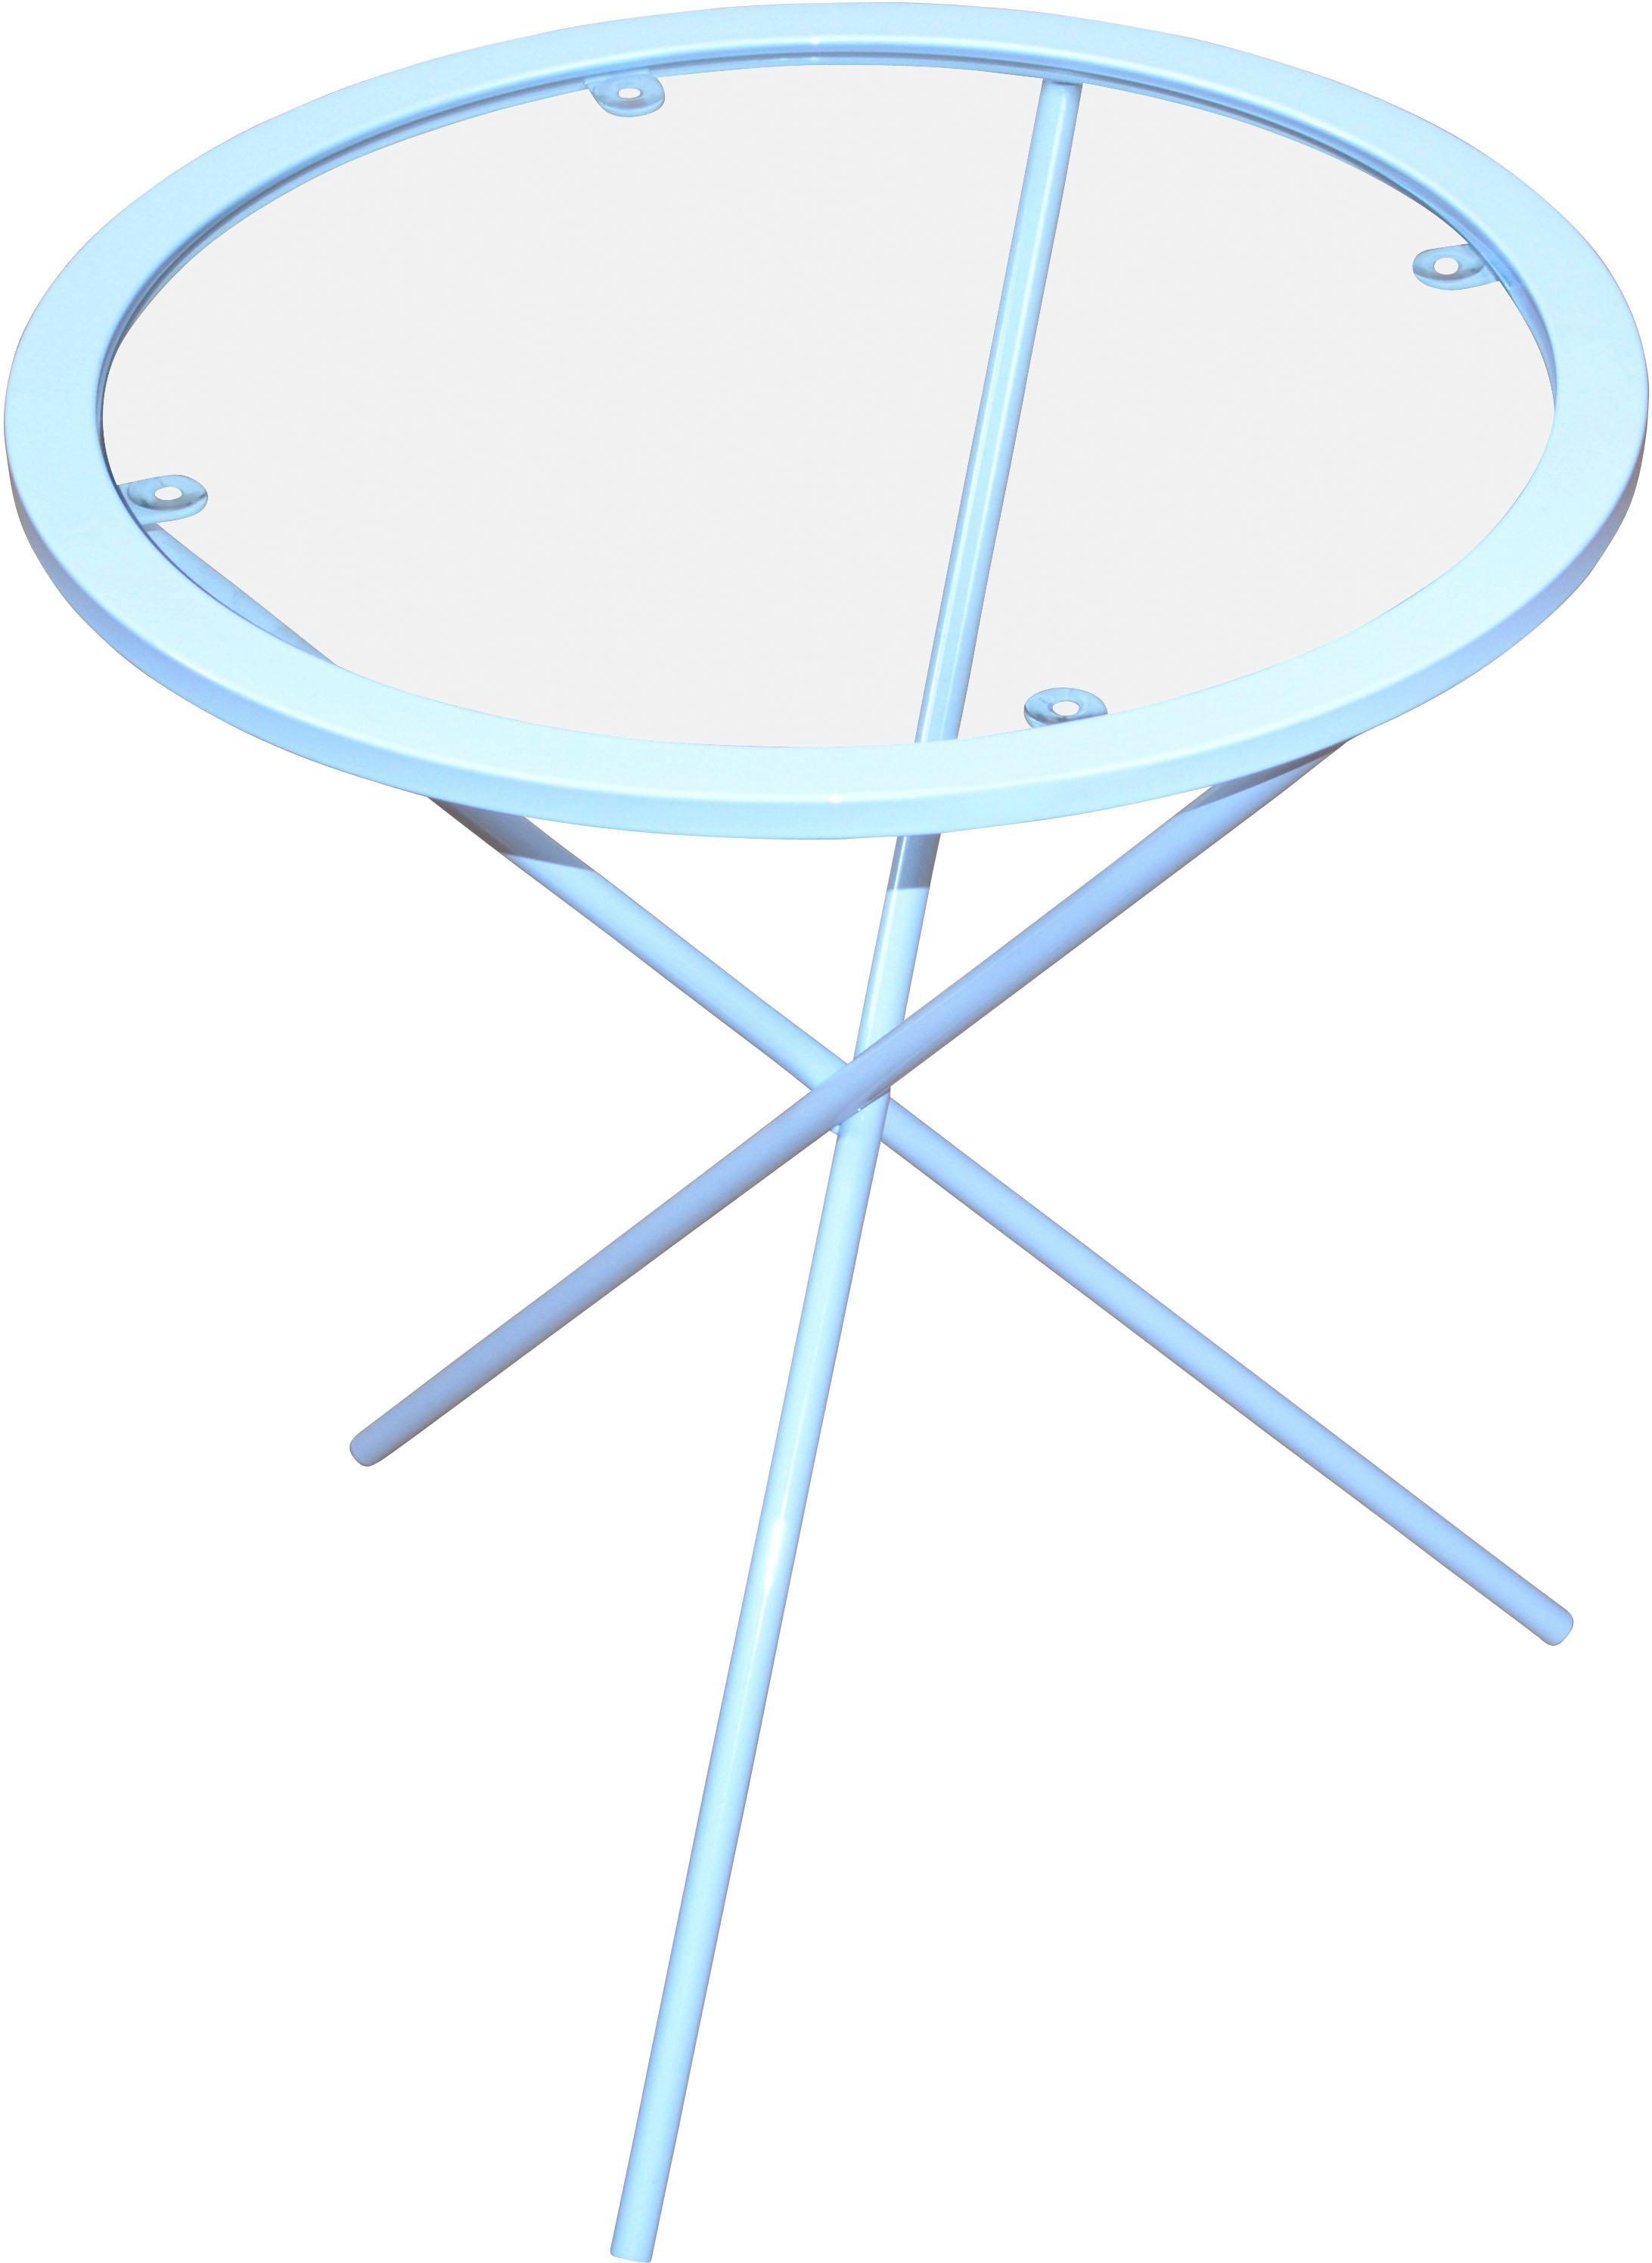 Home affaire Beistelltisch, Maße (H/Ø): (51/45) weiß Beistelltische Tische Beistelltisch